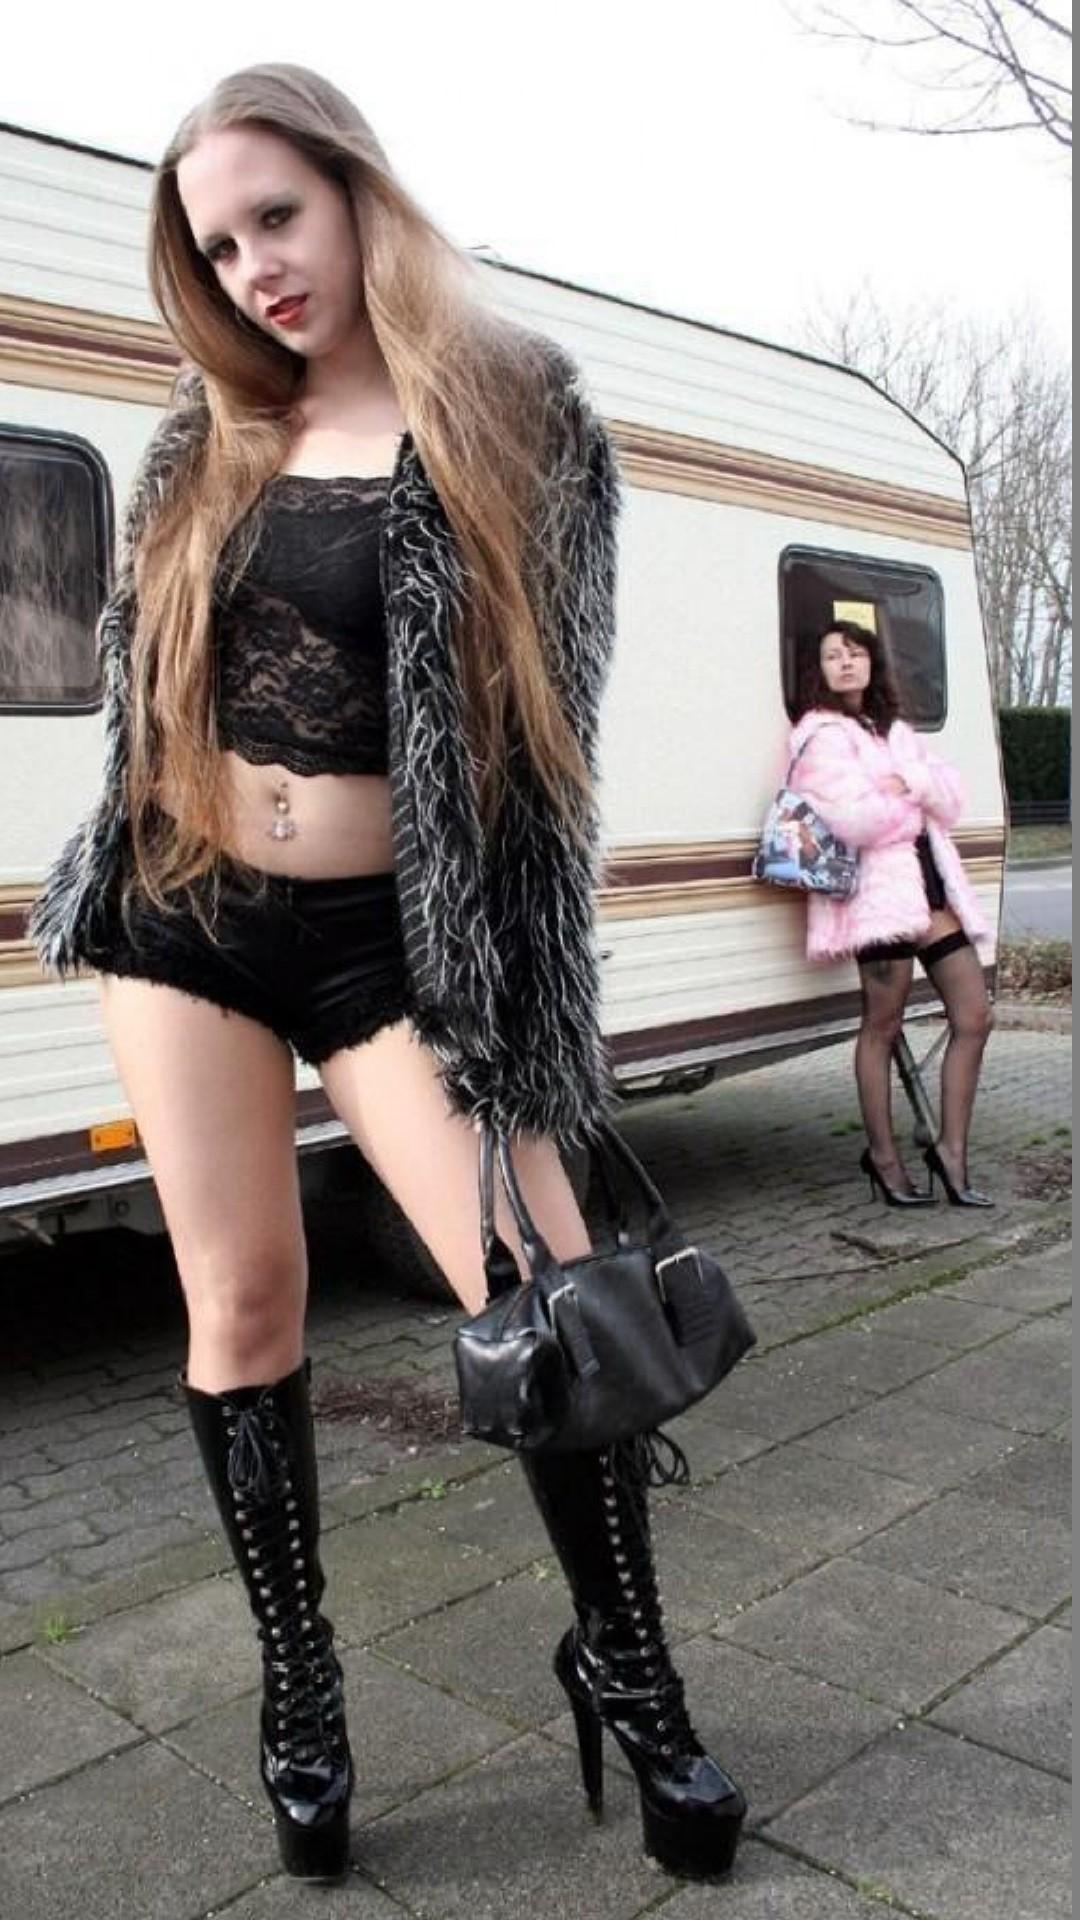 prostitutas en lugo porno prostitutas travestis